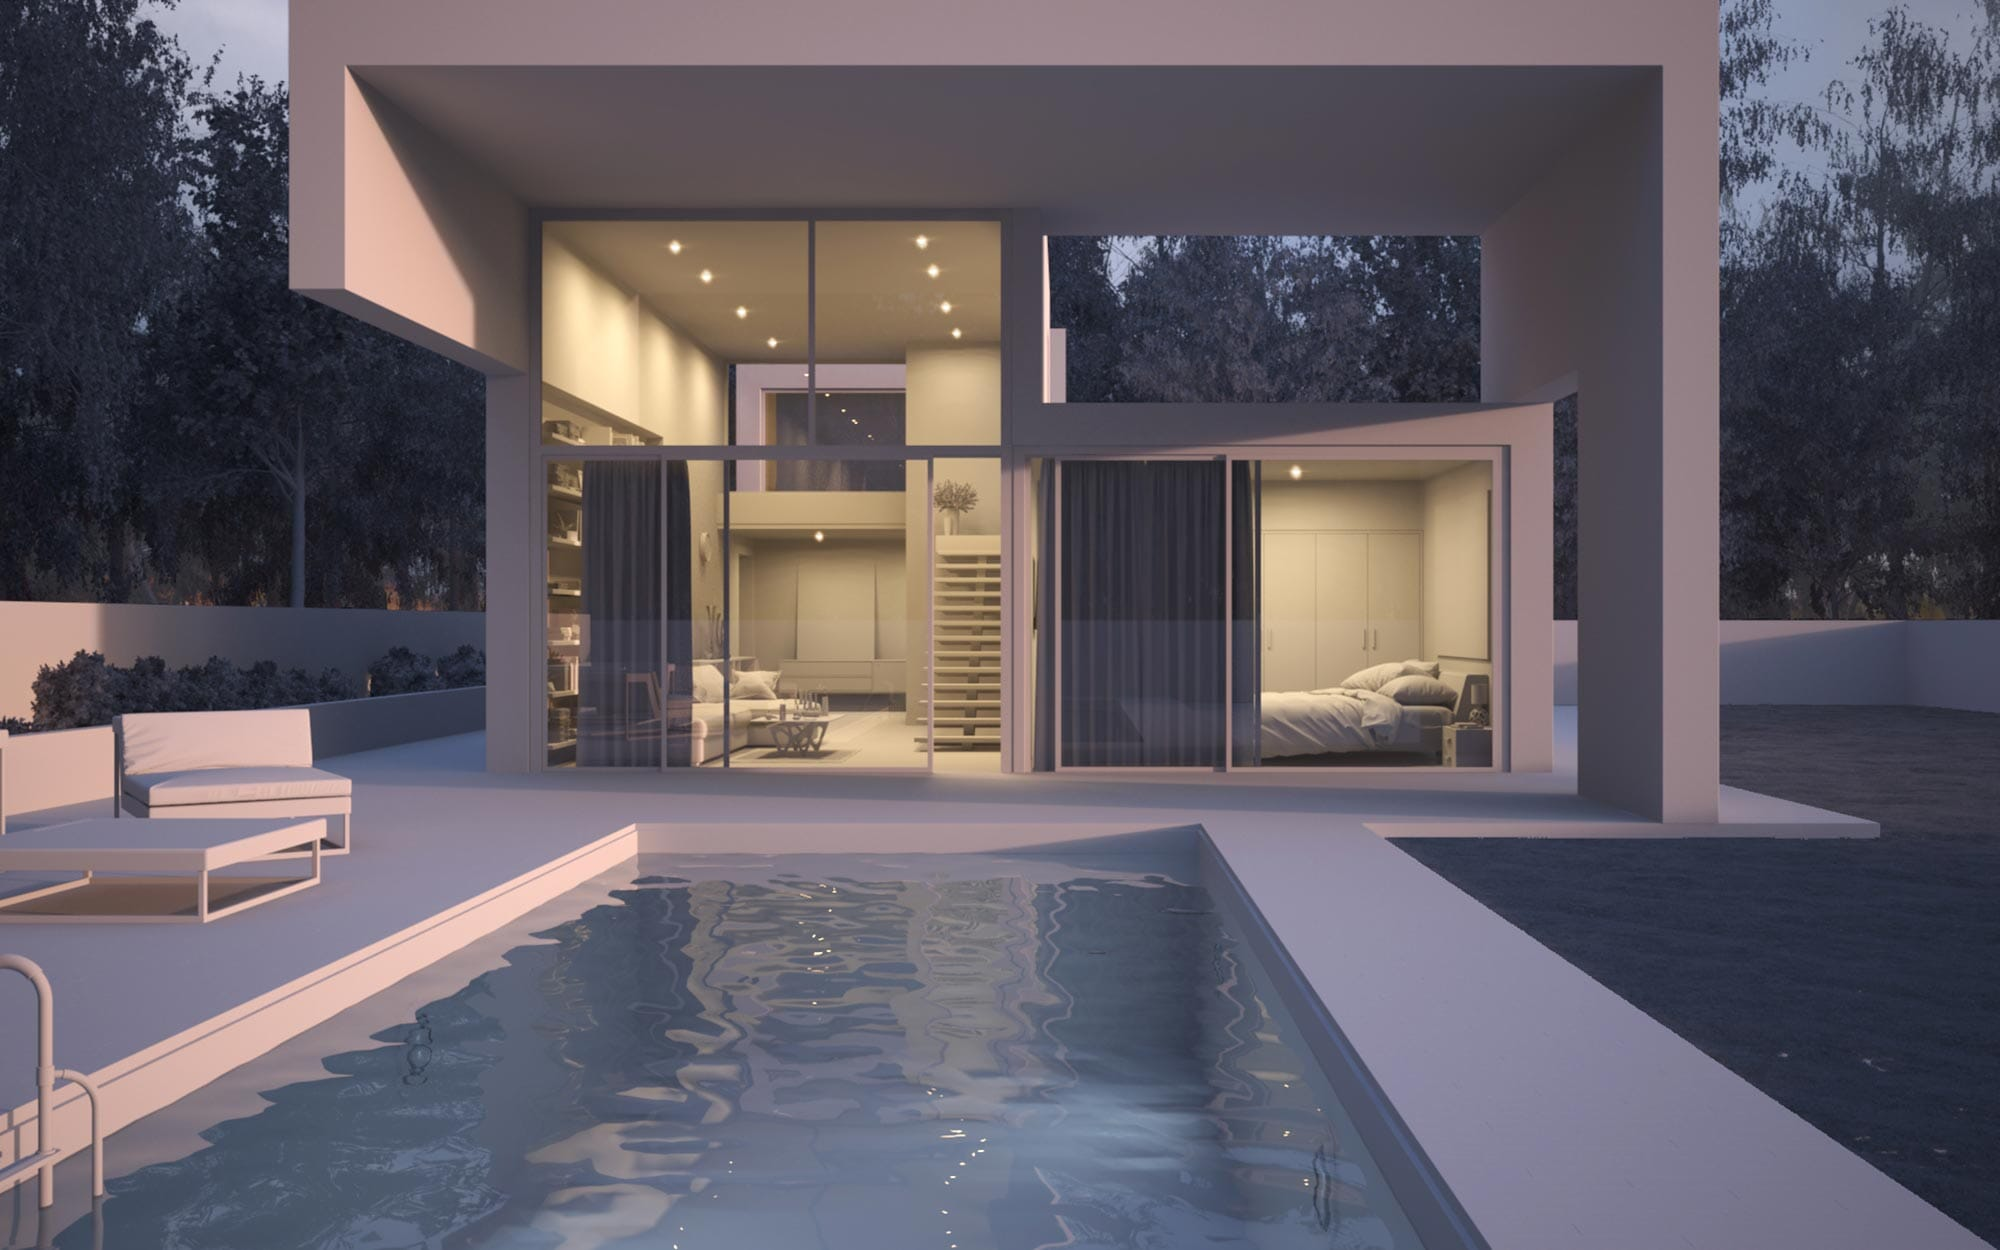 Projet Villa à Genêve - Maquette Blanche 3D